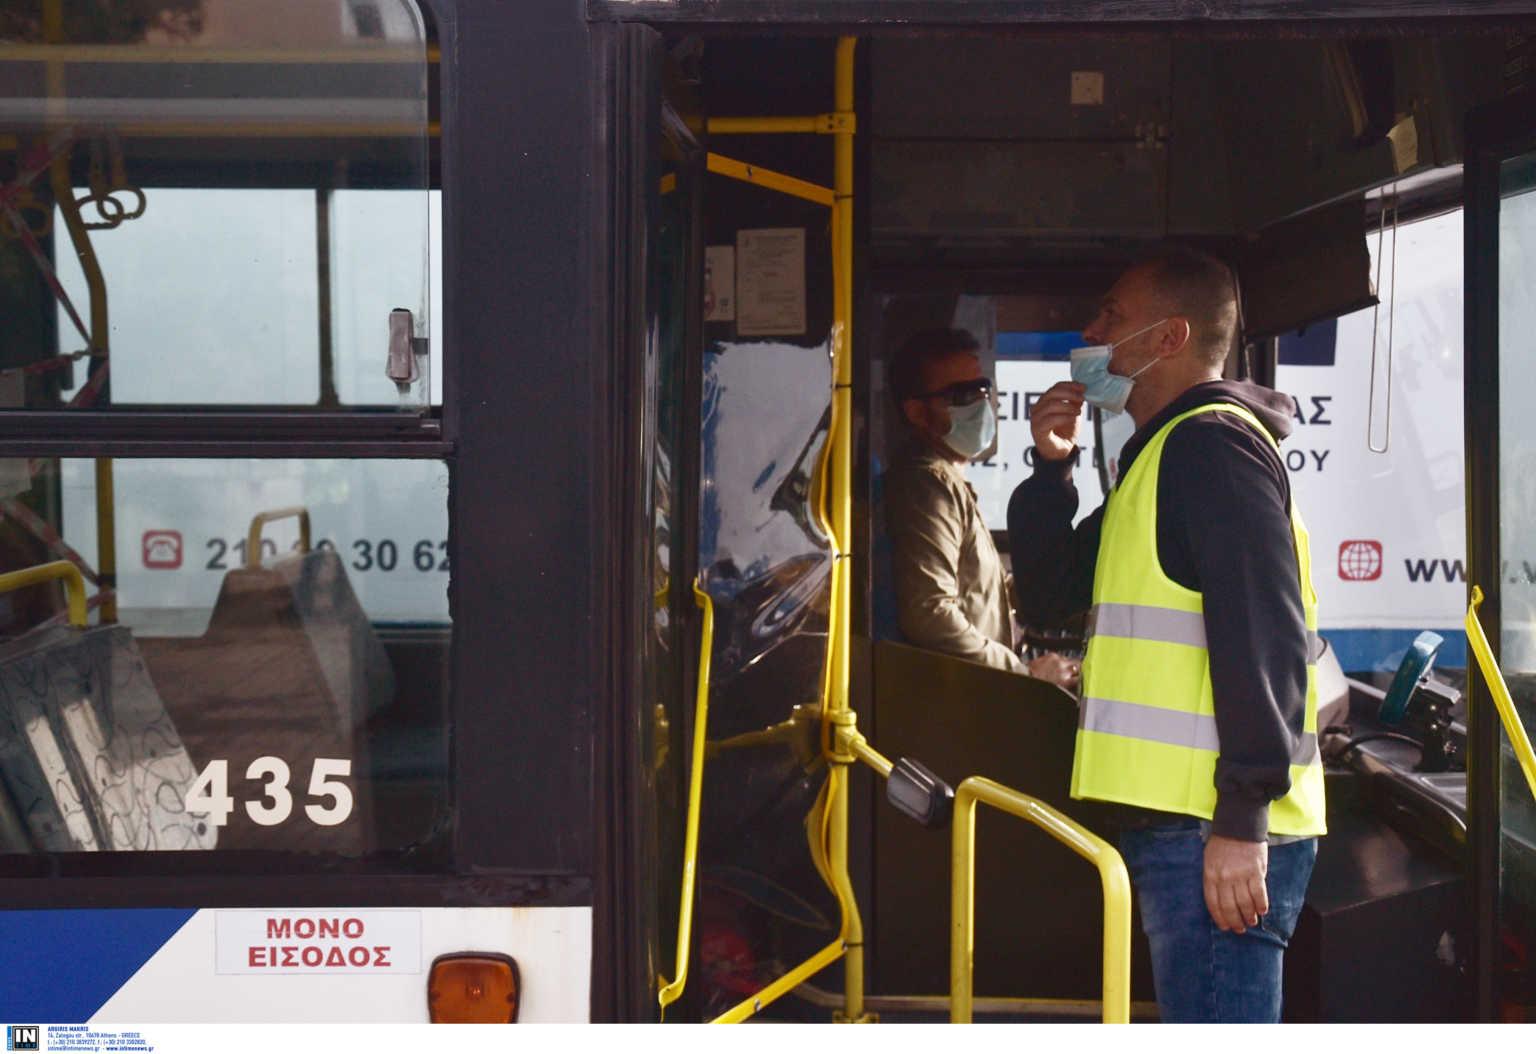 Μειώνονται από την Δευτέρα 1η Ιουνίου τα εισιτήρια και οι κάρτες στα μέσα μεταφοράς